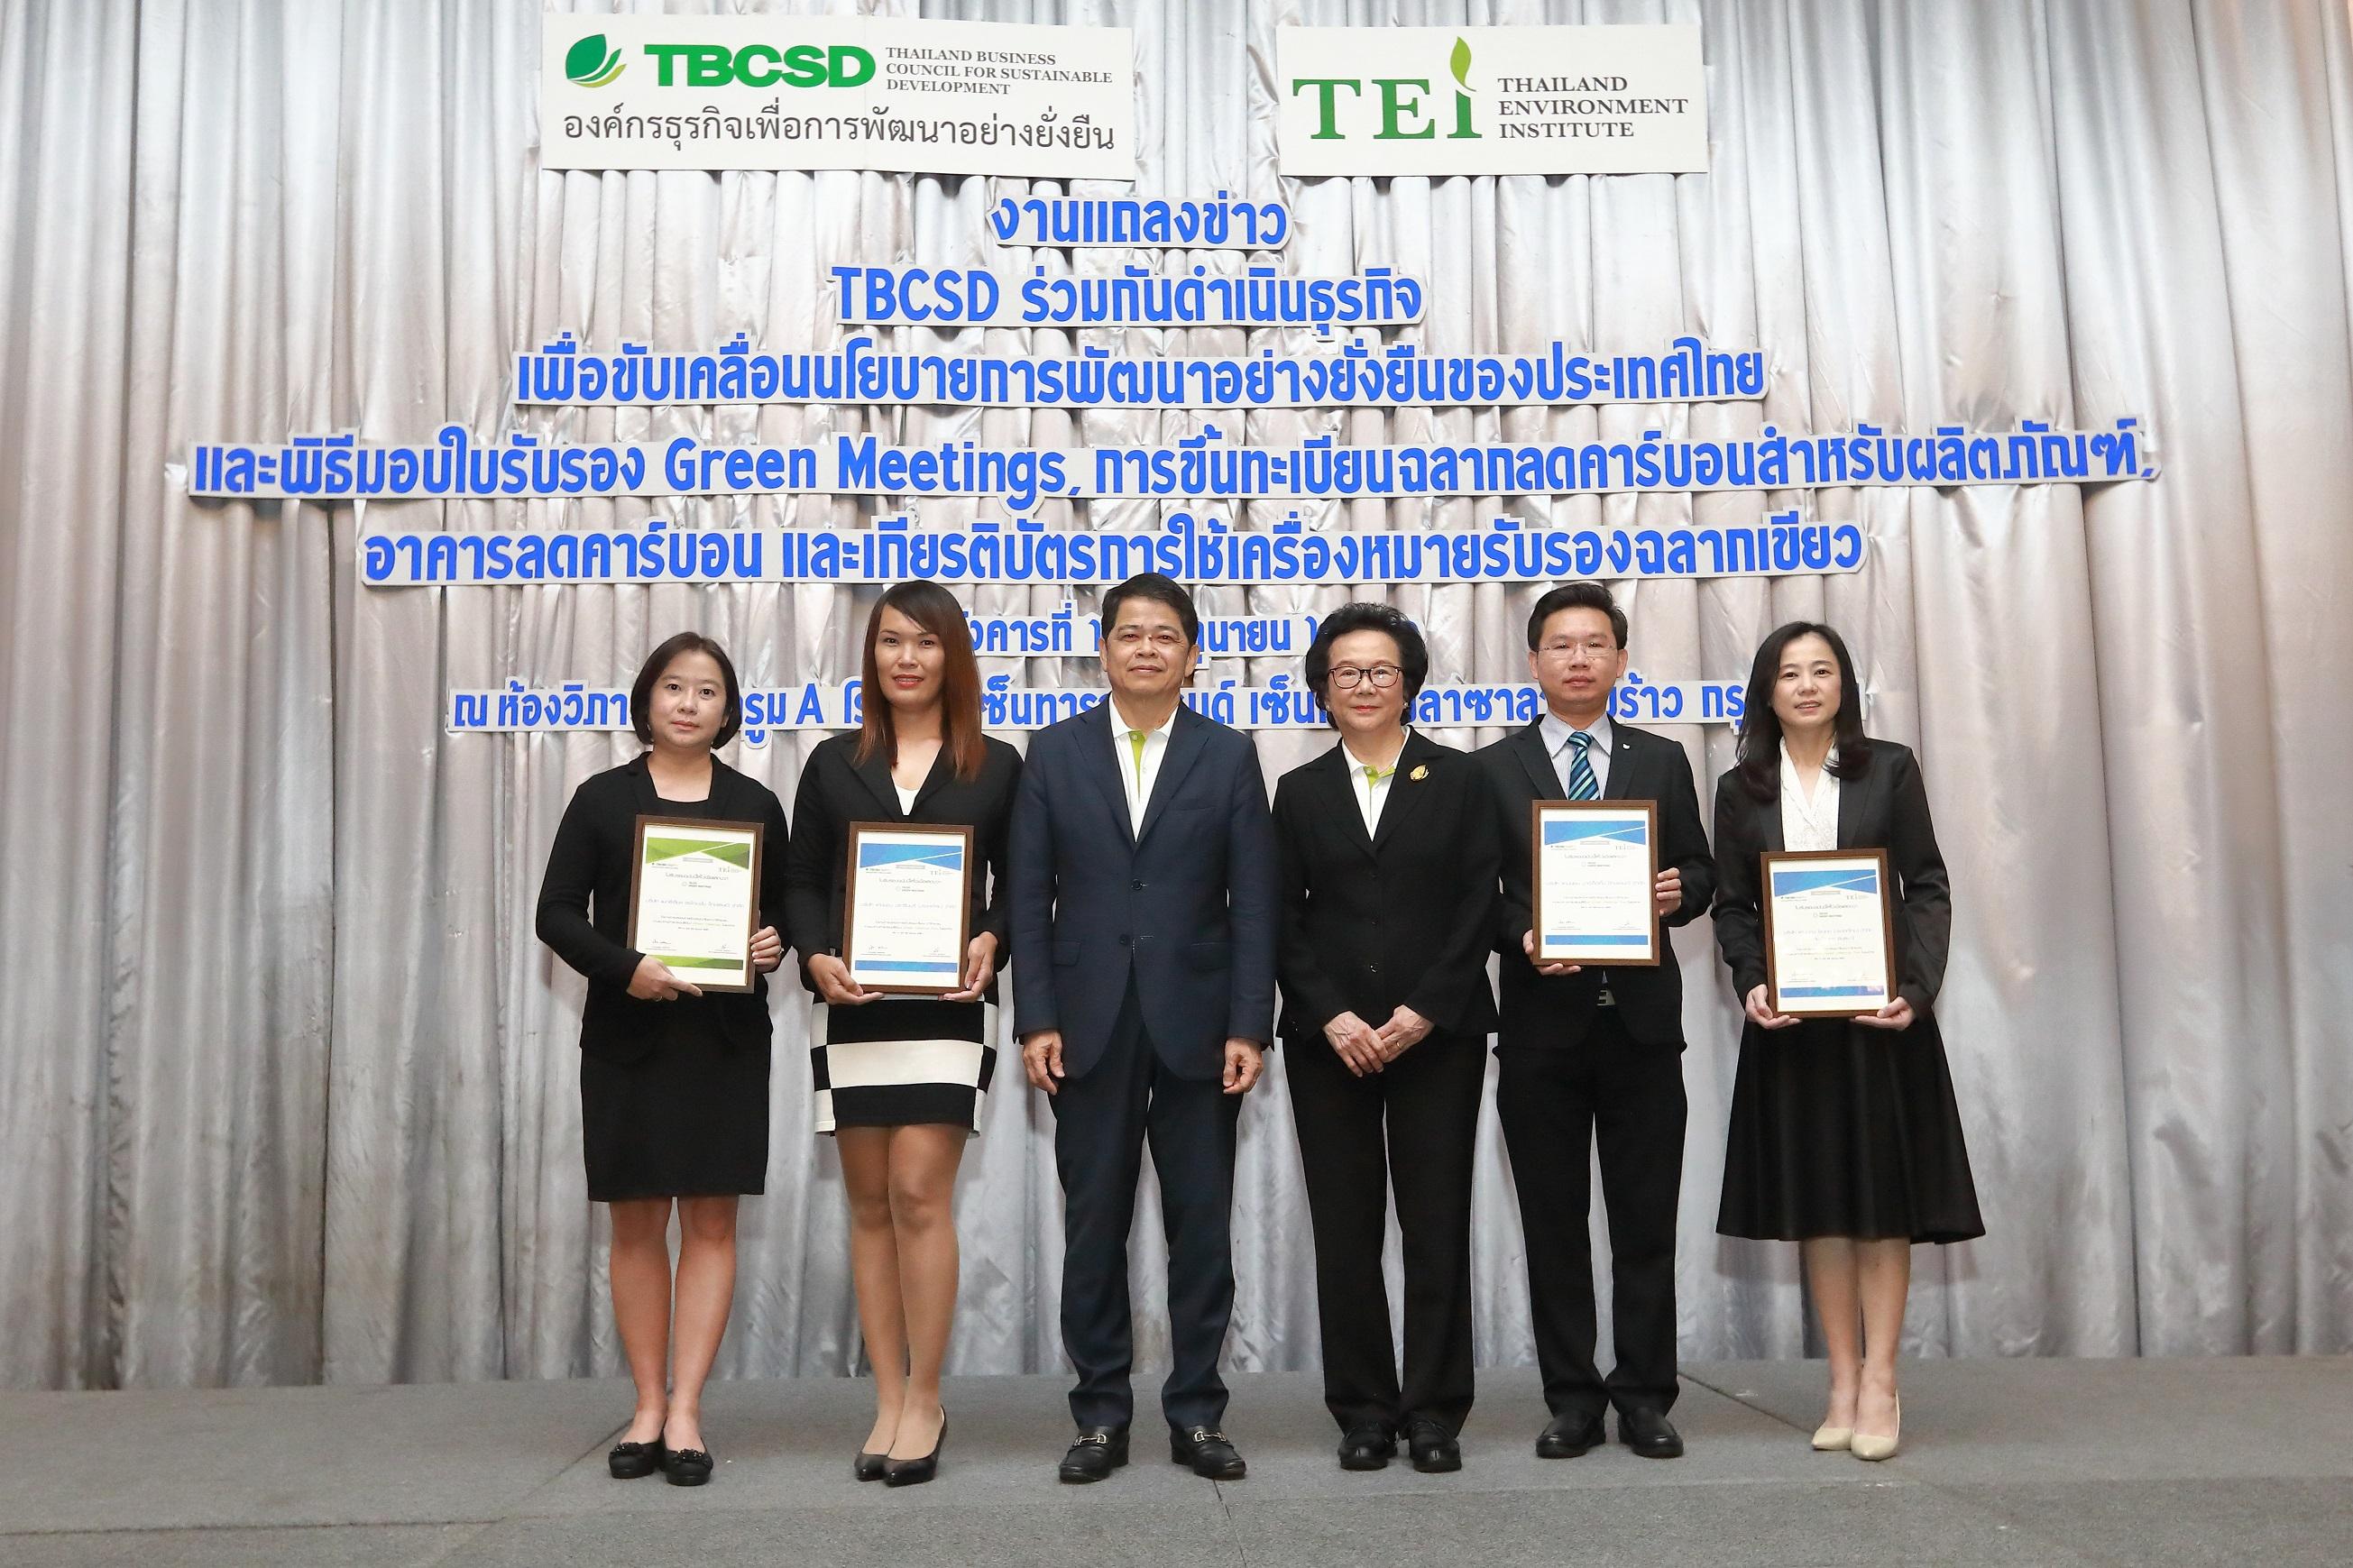 กลุ่มบริษัทแคนนอน ประเทศไทย รับใบรับรอง Green Meetings และ Green Meetings Plus ประจำปี 2561